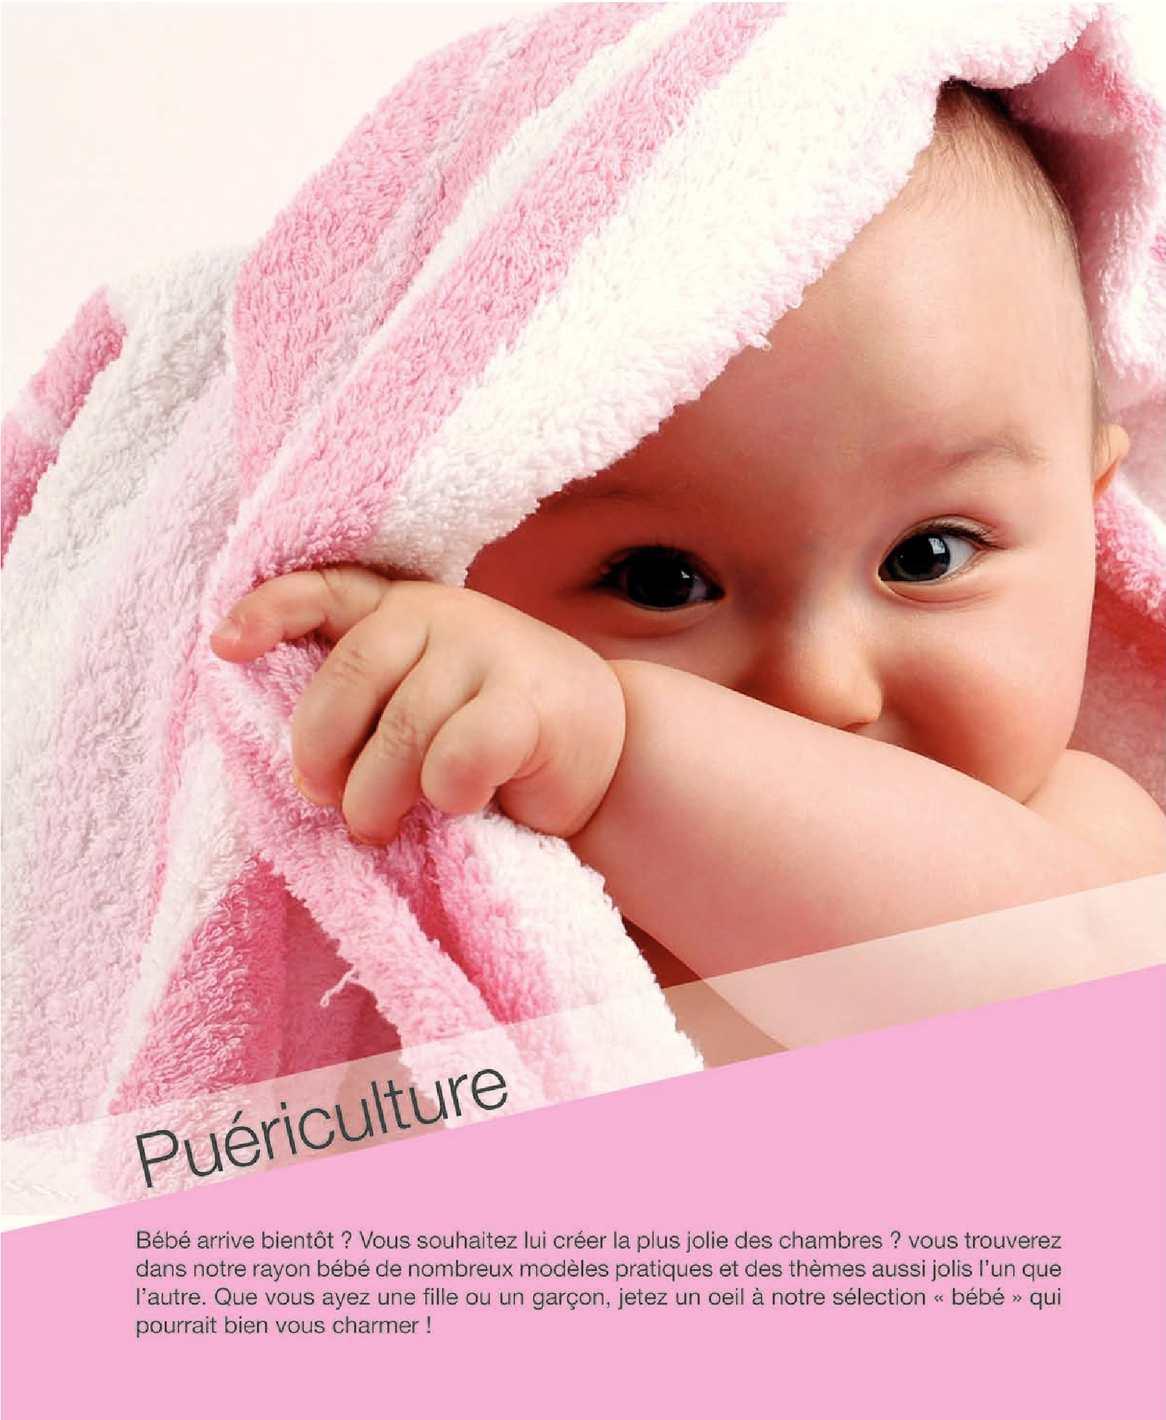 Calam o mobilia catalogue bebe for Mobilia normal